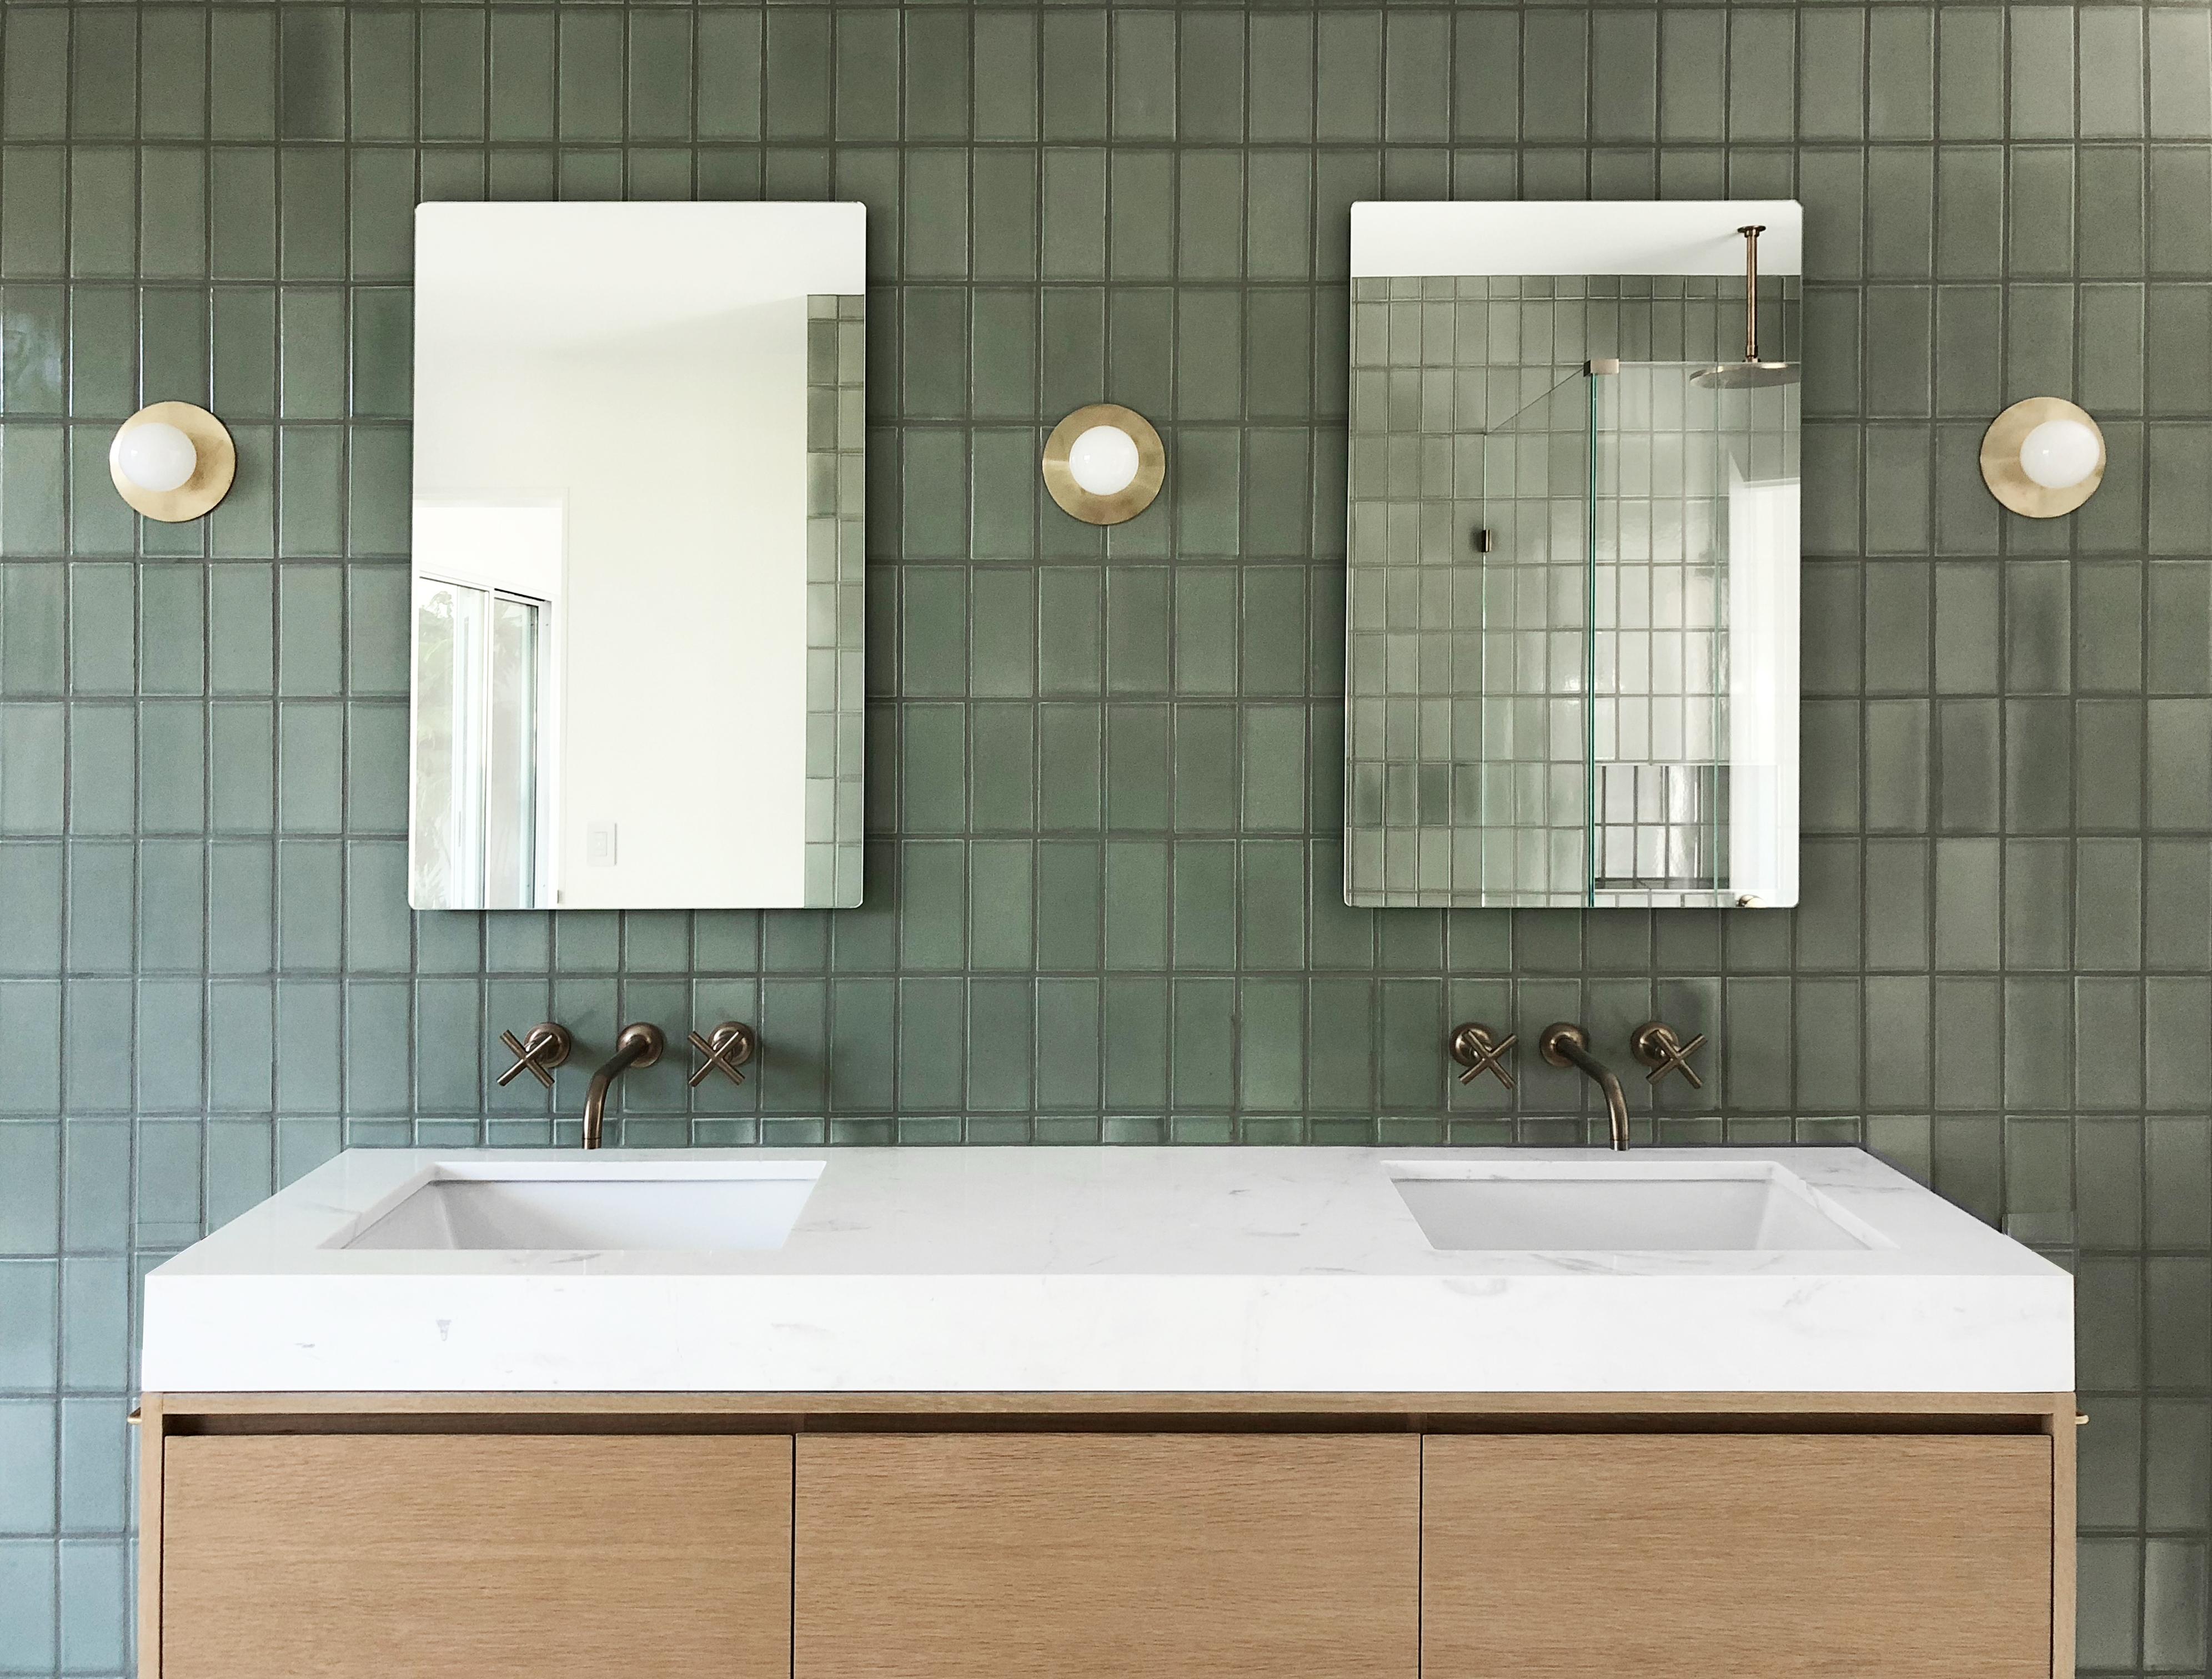 Q3_2018_image_residential_influencer_Sarah-Sherman-Samuel_Mandy-Moore-Home_photo_Tessa-Neustadt_bathroom_wall_shower_tile_rosemary_vertical_stacked_3x6_vanity_full_2jpg.jpg?mtime=20181203152003#asset:427811